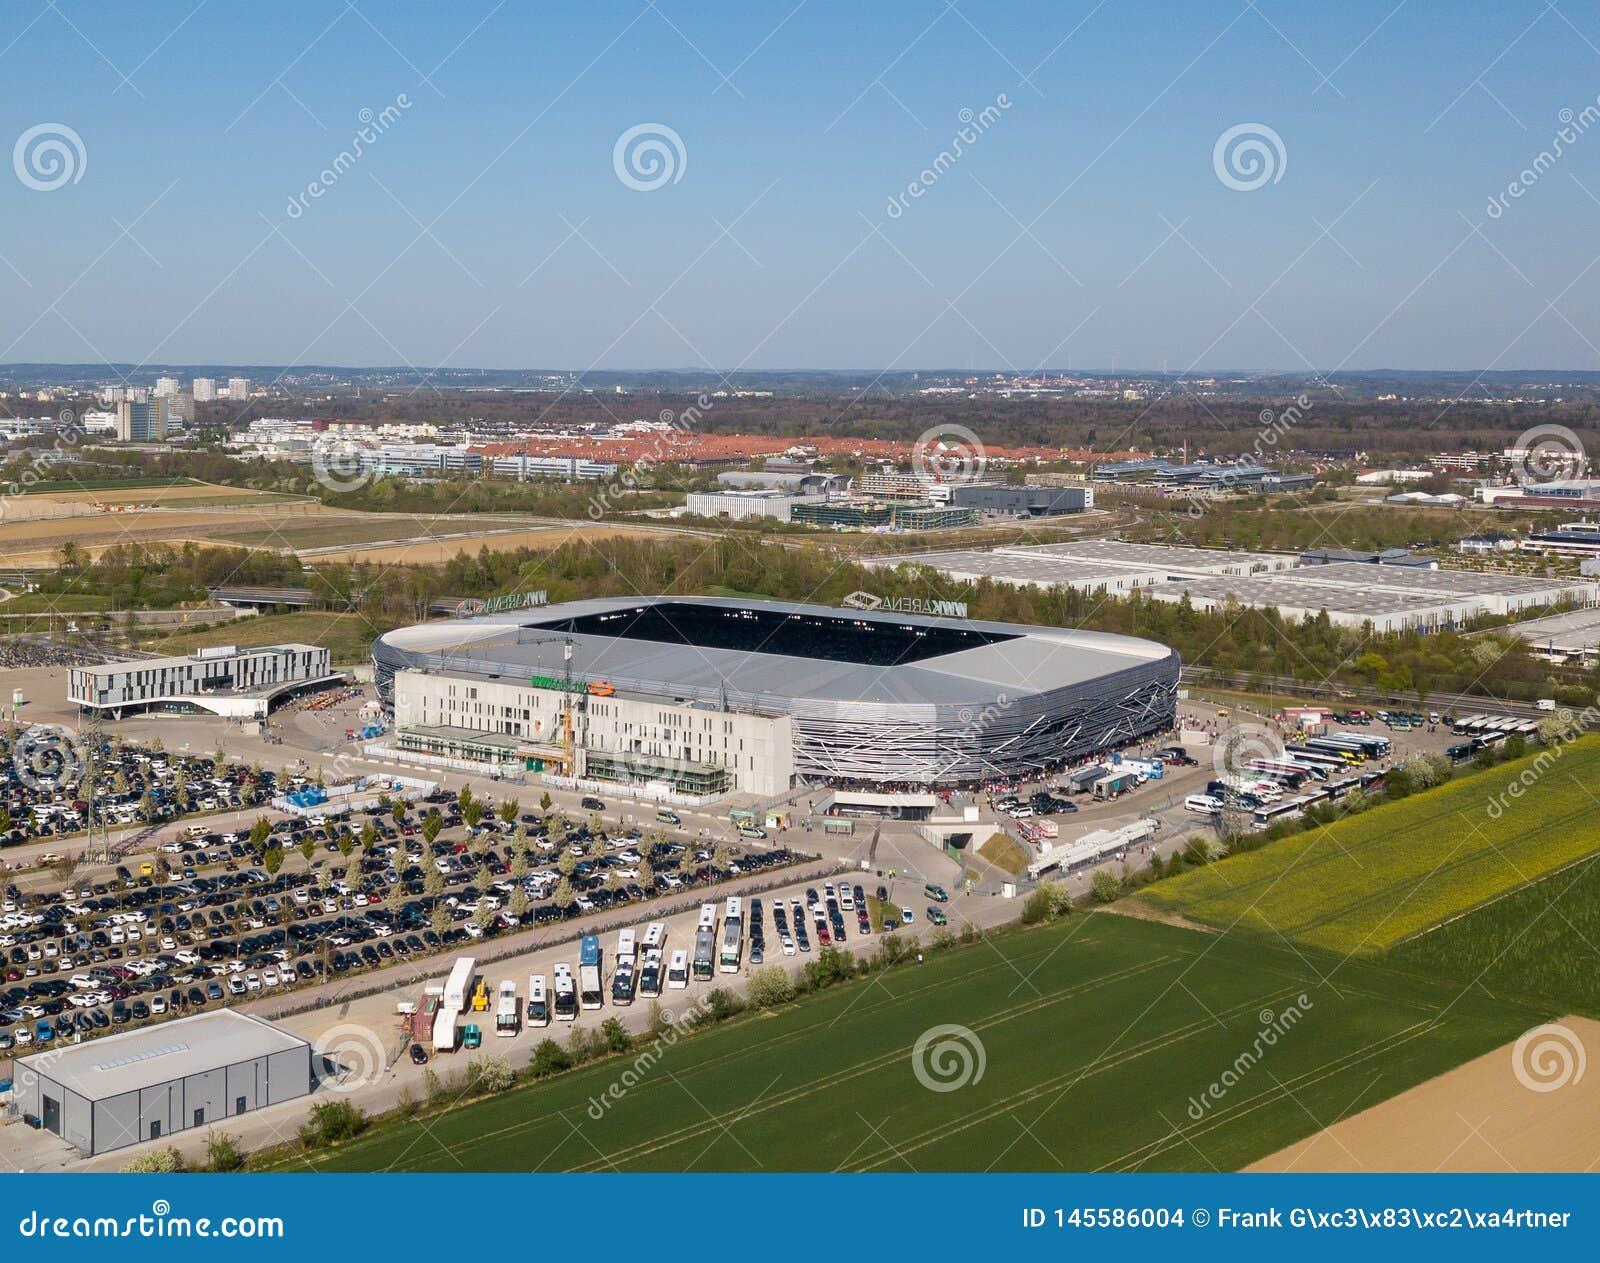 Arena de WWK - o estádio de futebol oficial do FC Augsburg